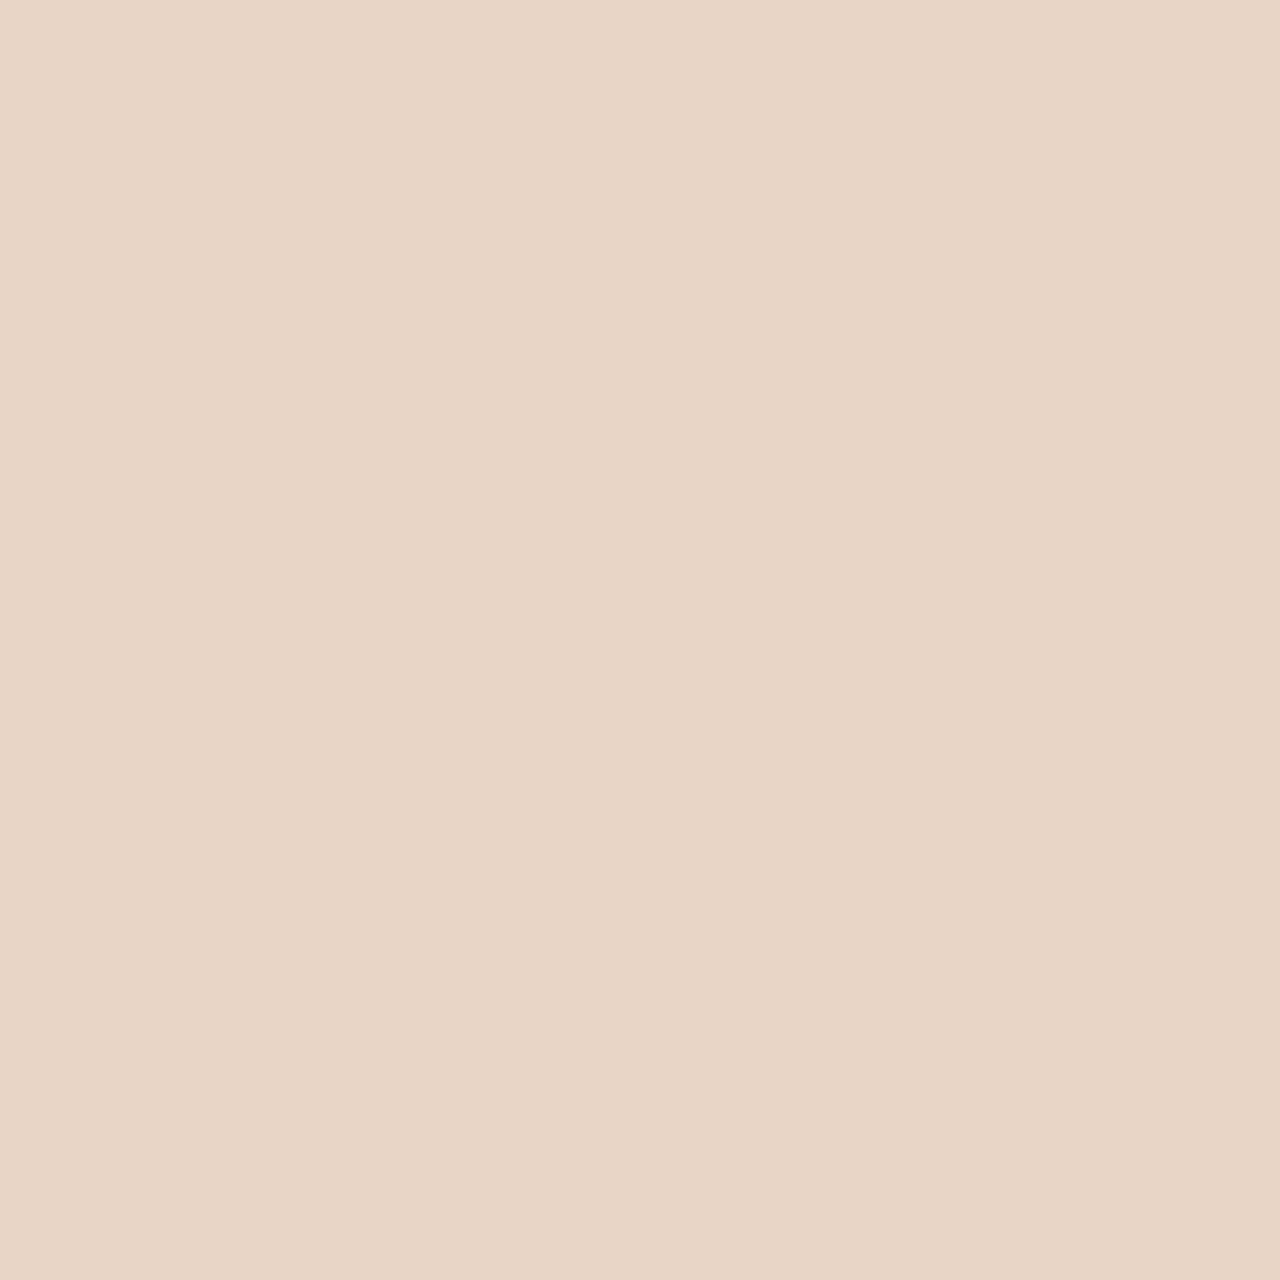 9156 Exclusiv